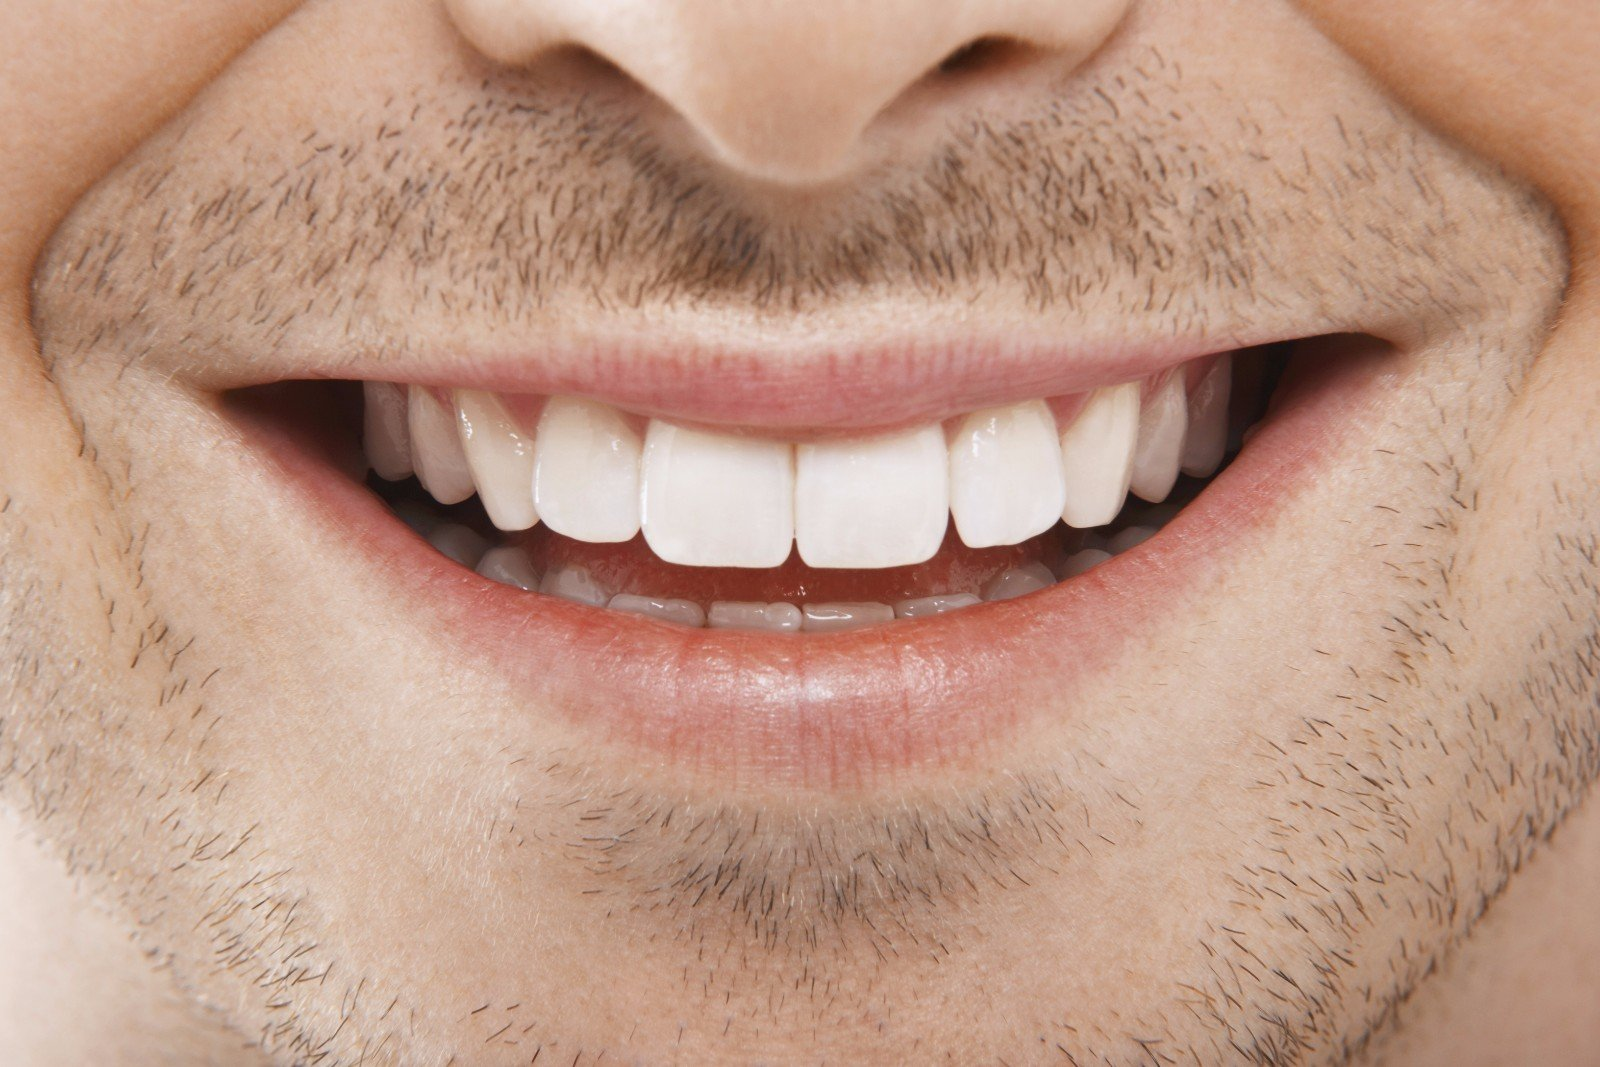 il sorriso di un ragazzo